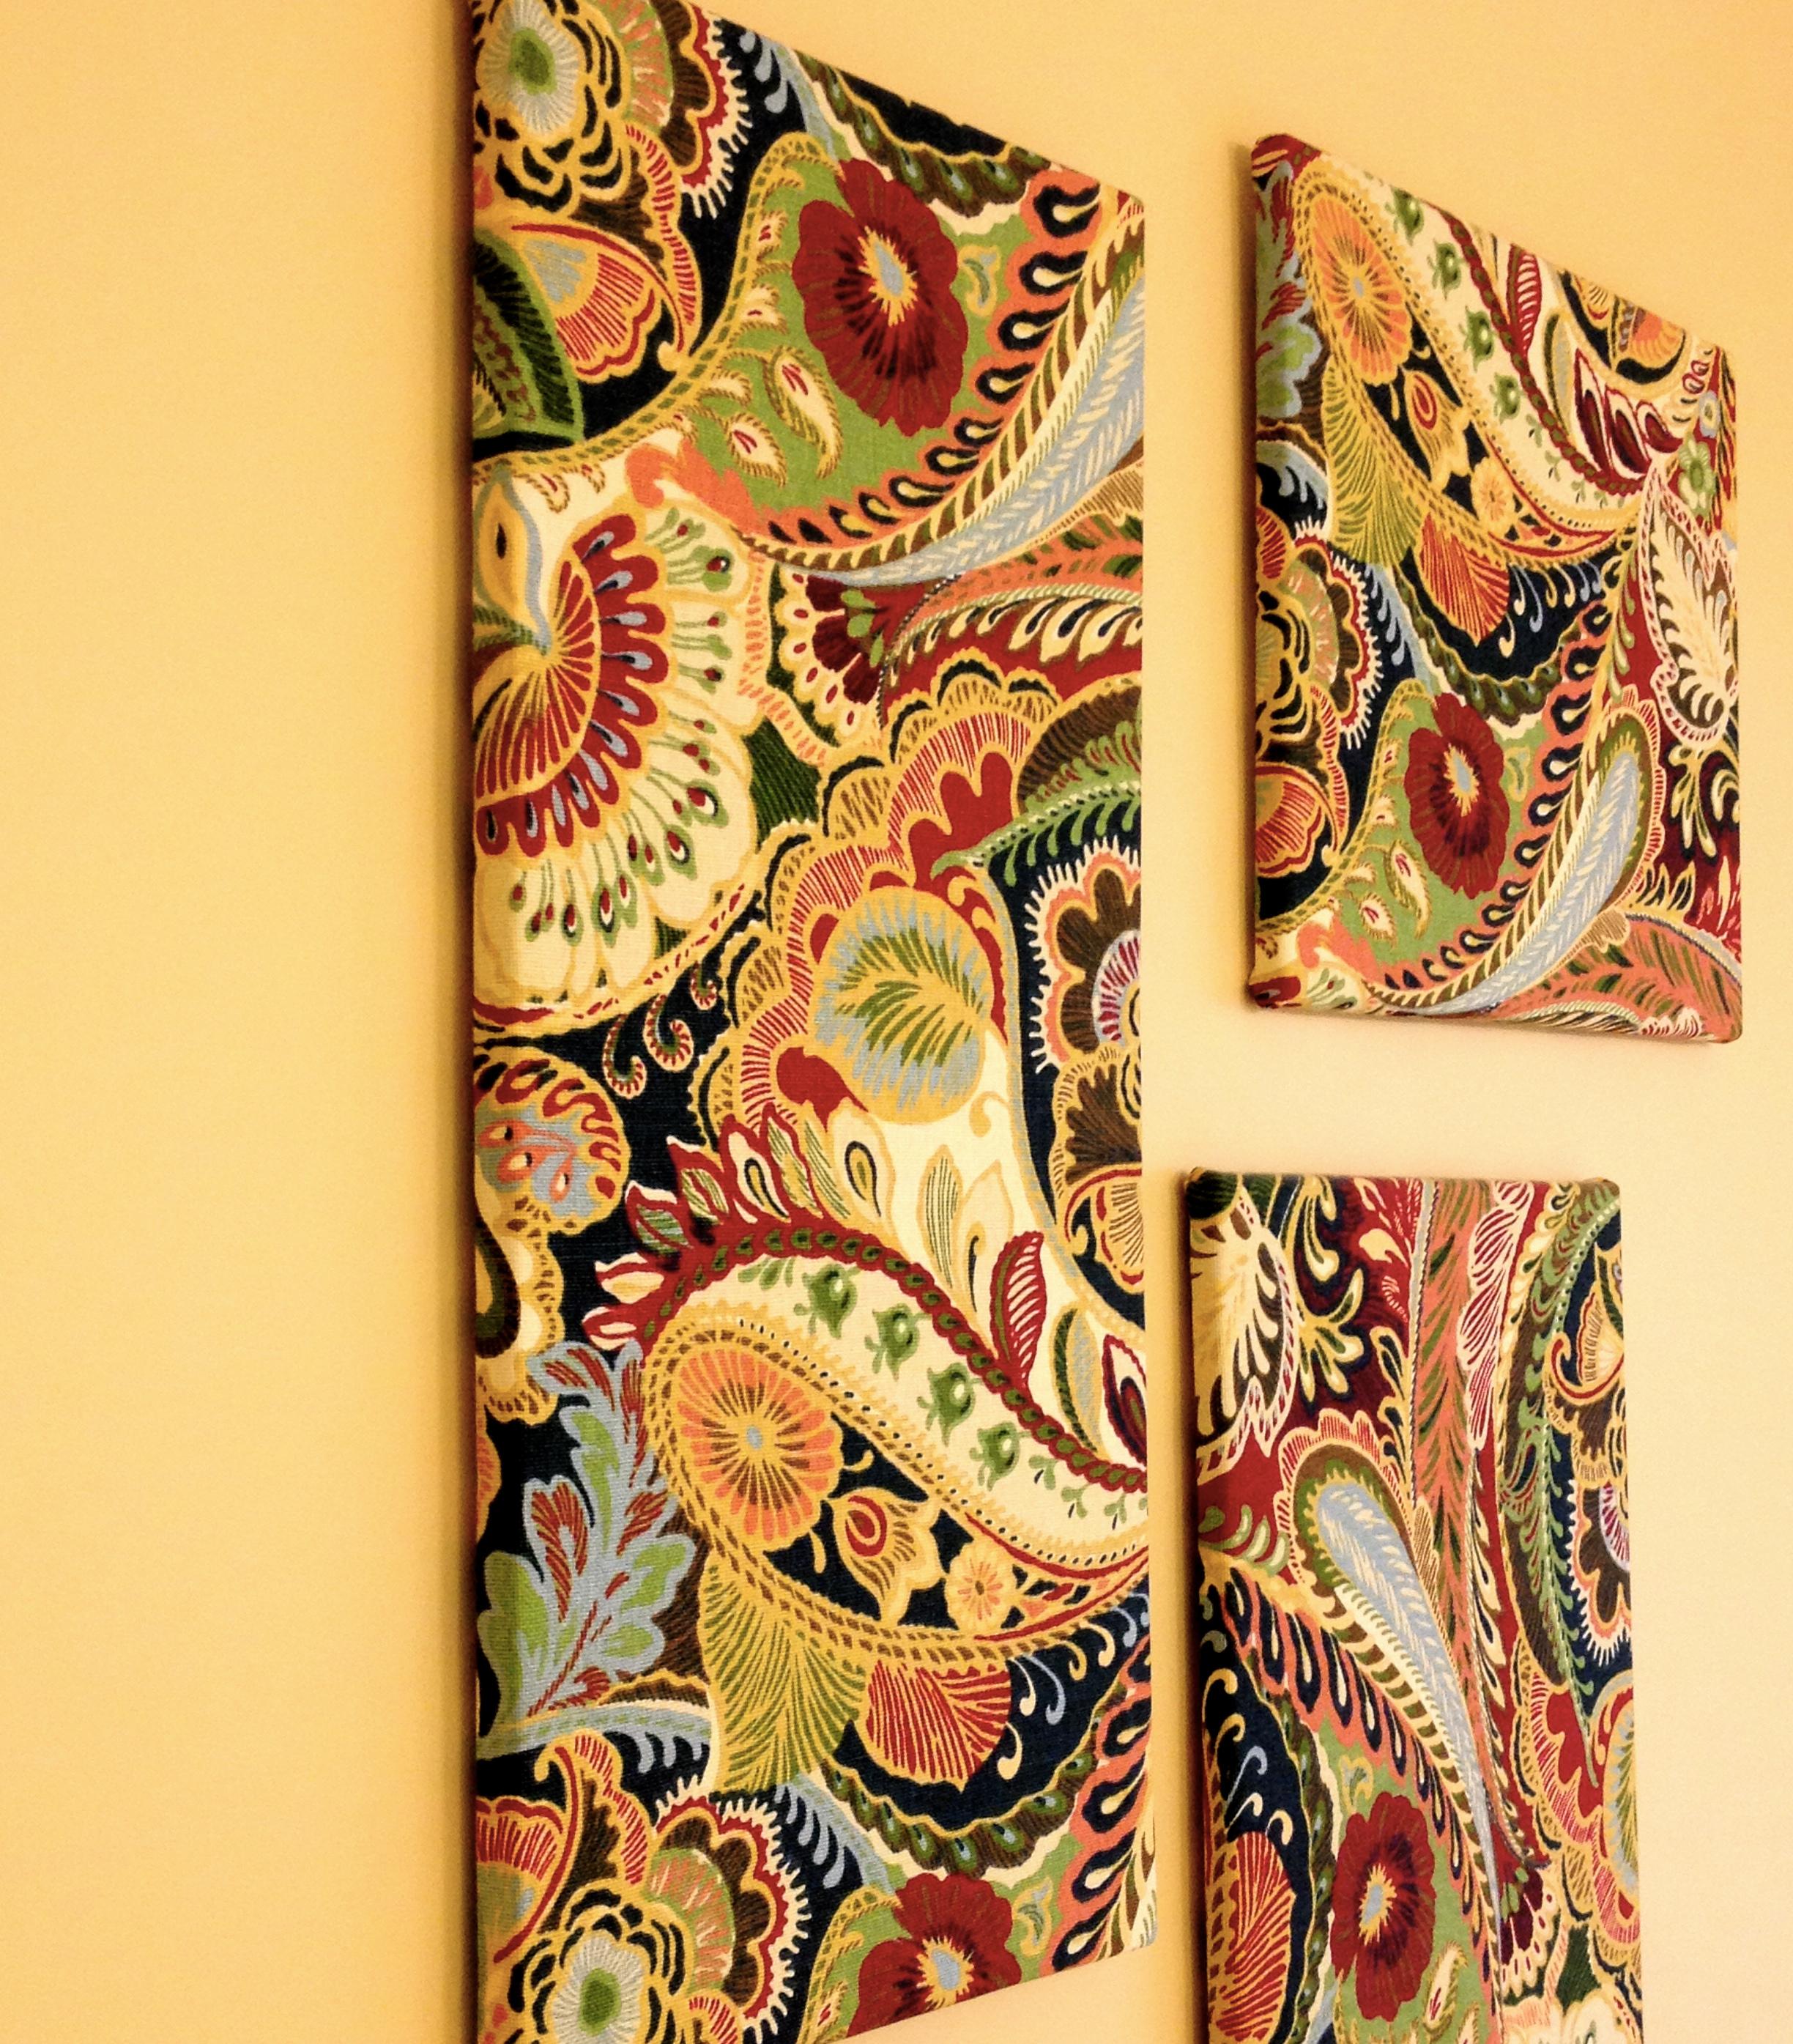 DIY Wall Art - Bona Vita